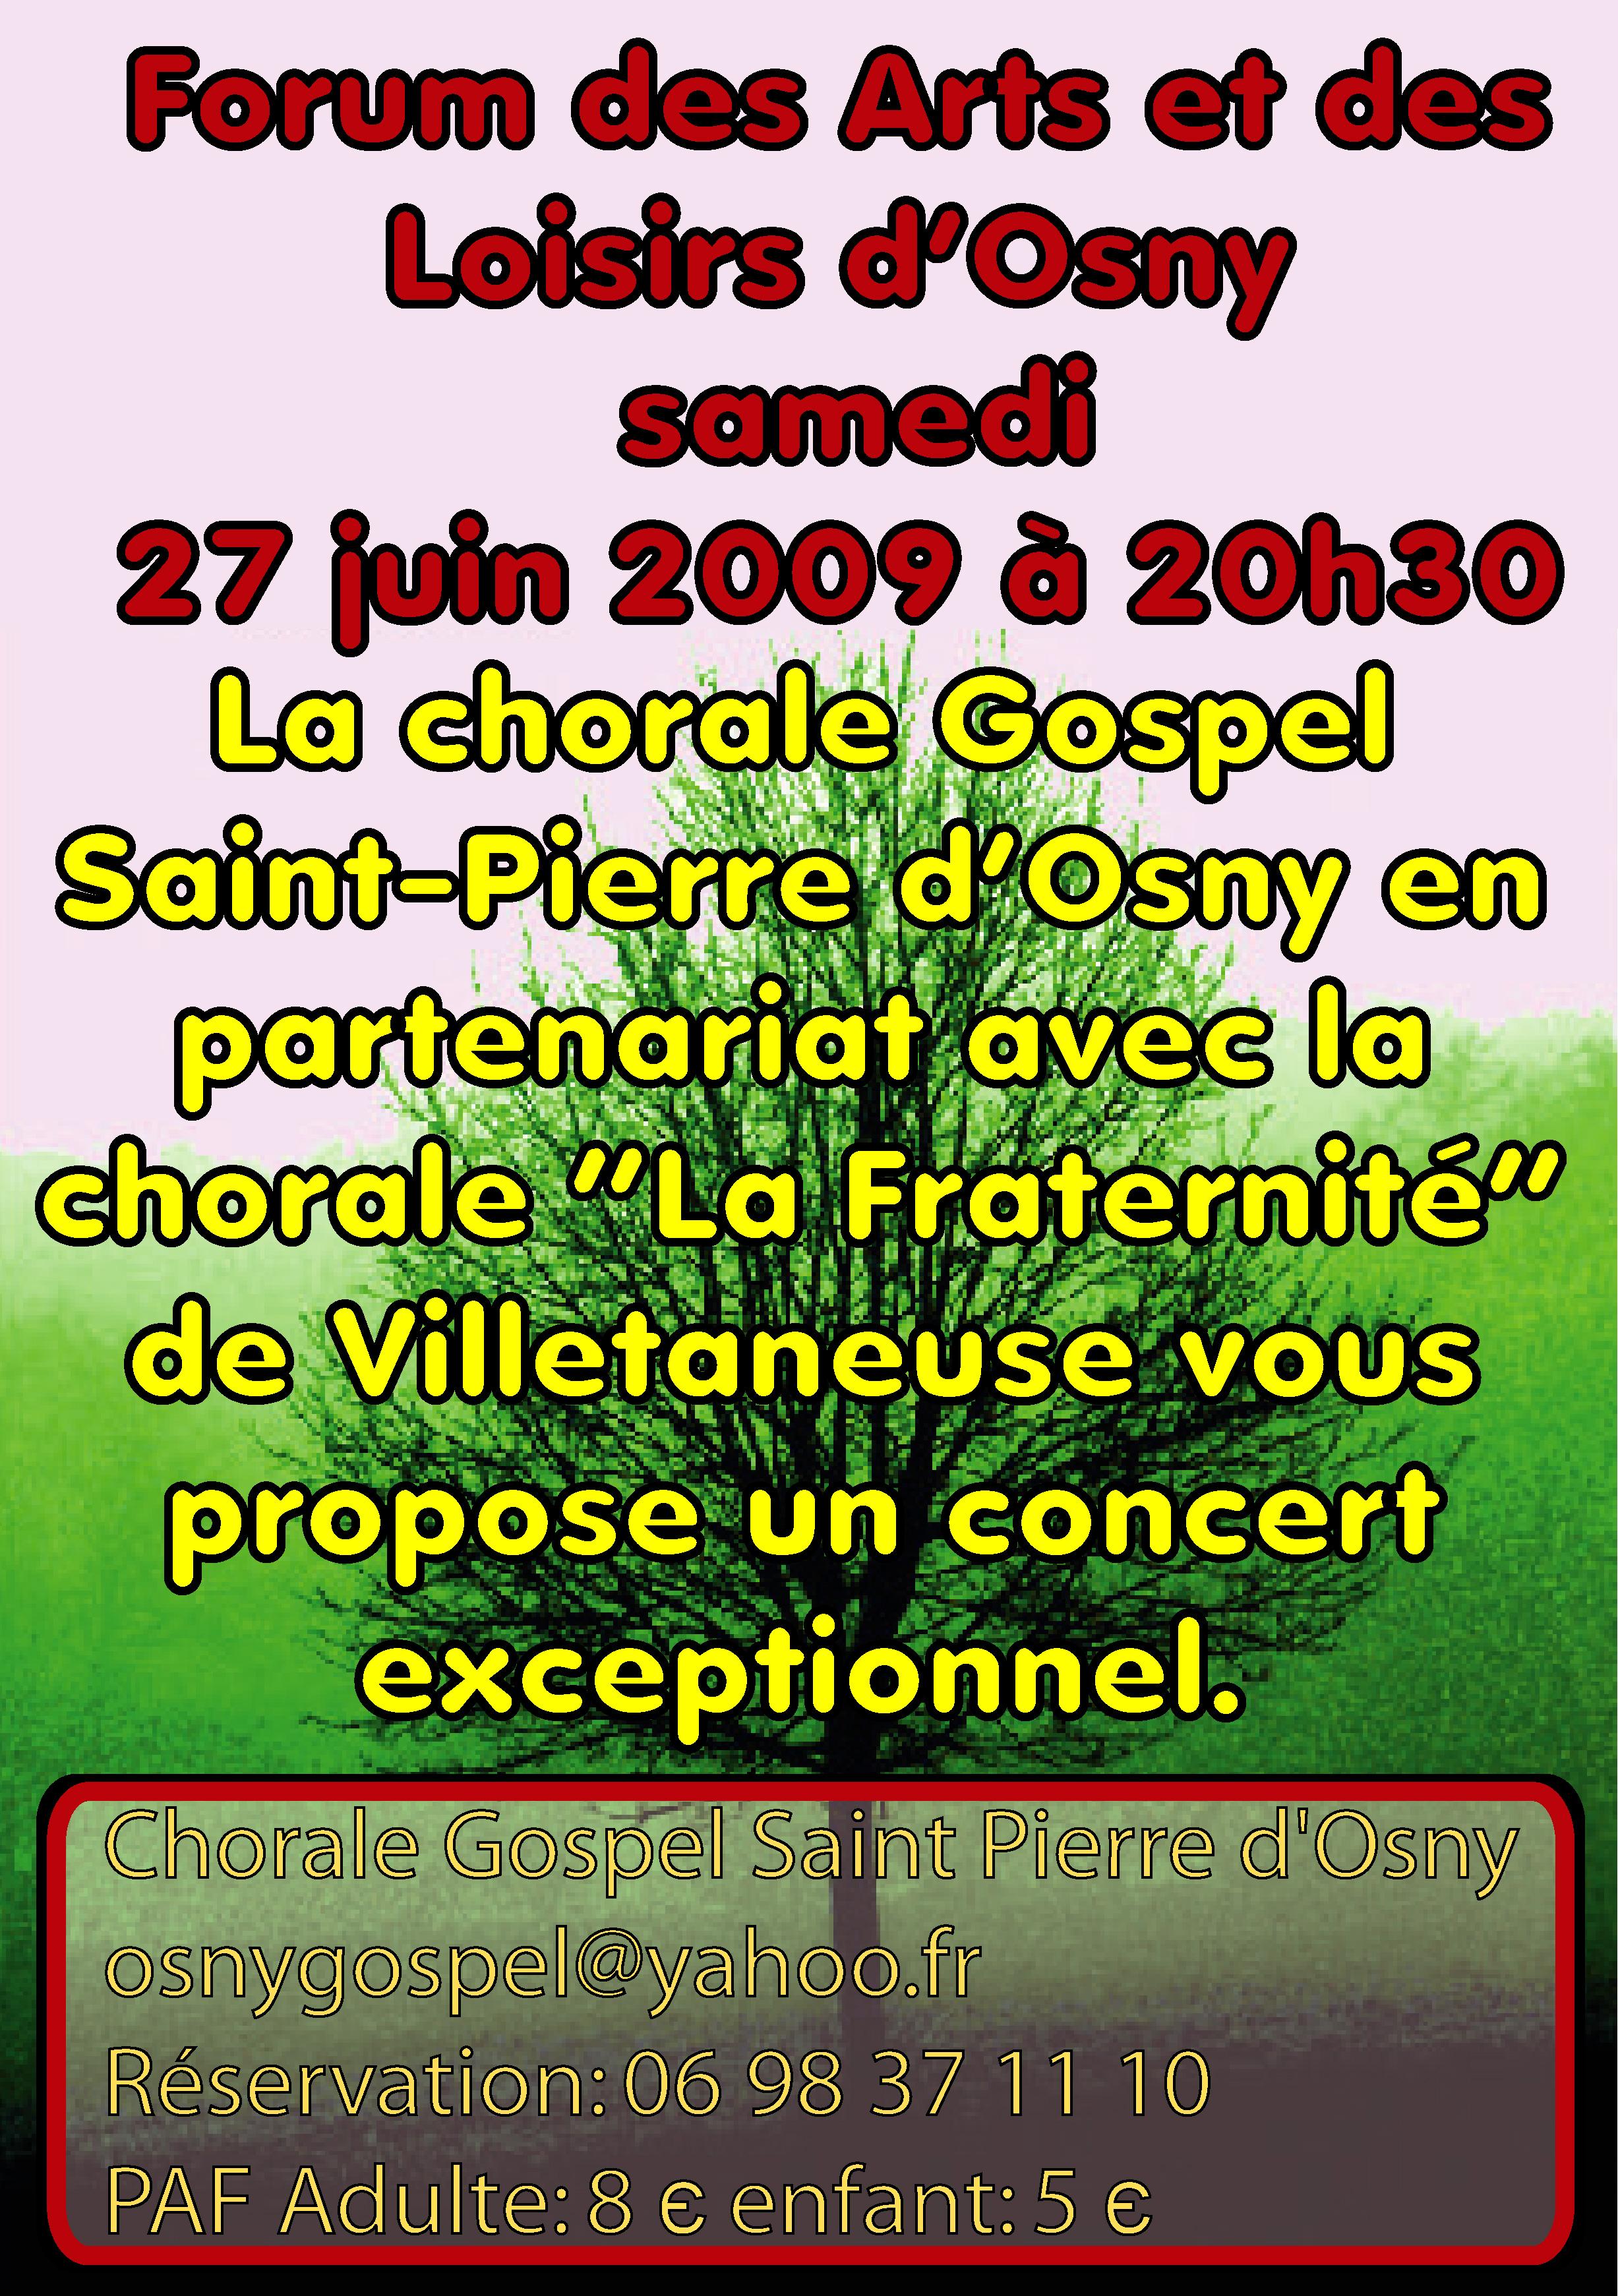 La Chorale Gospel Saint Pierre d'Osny